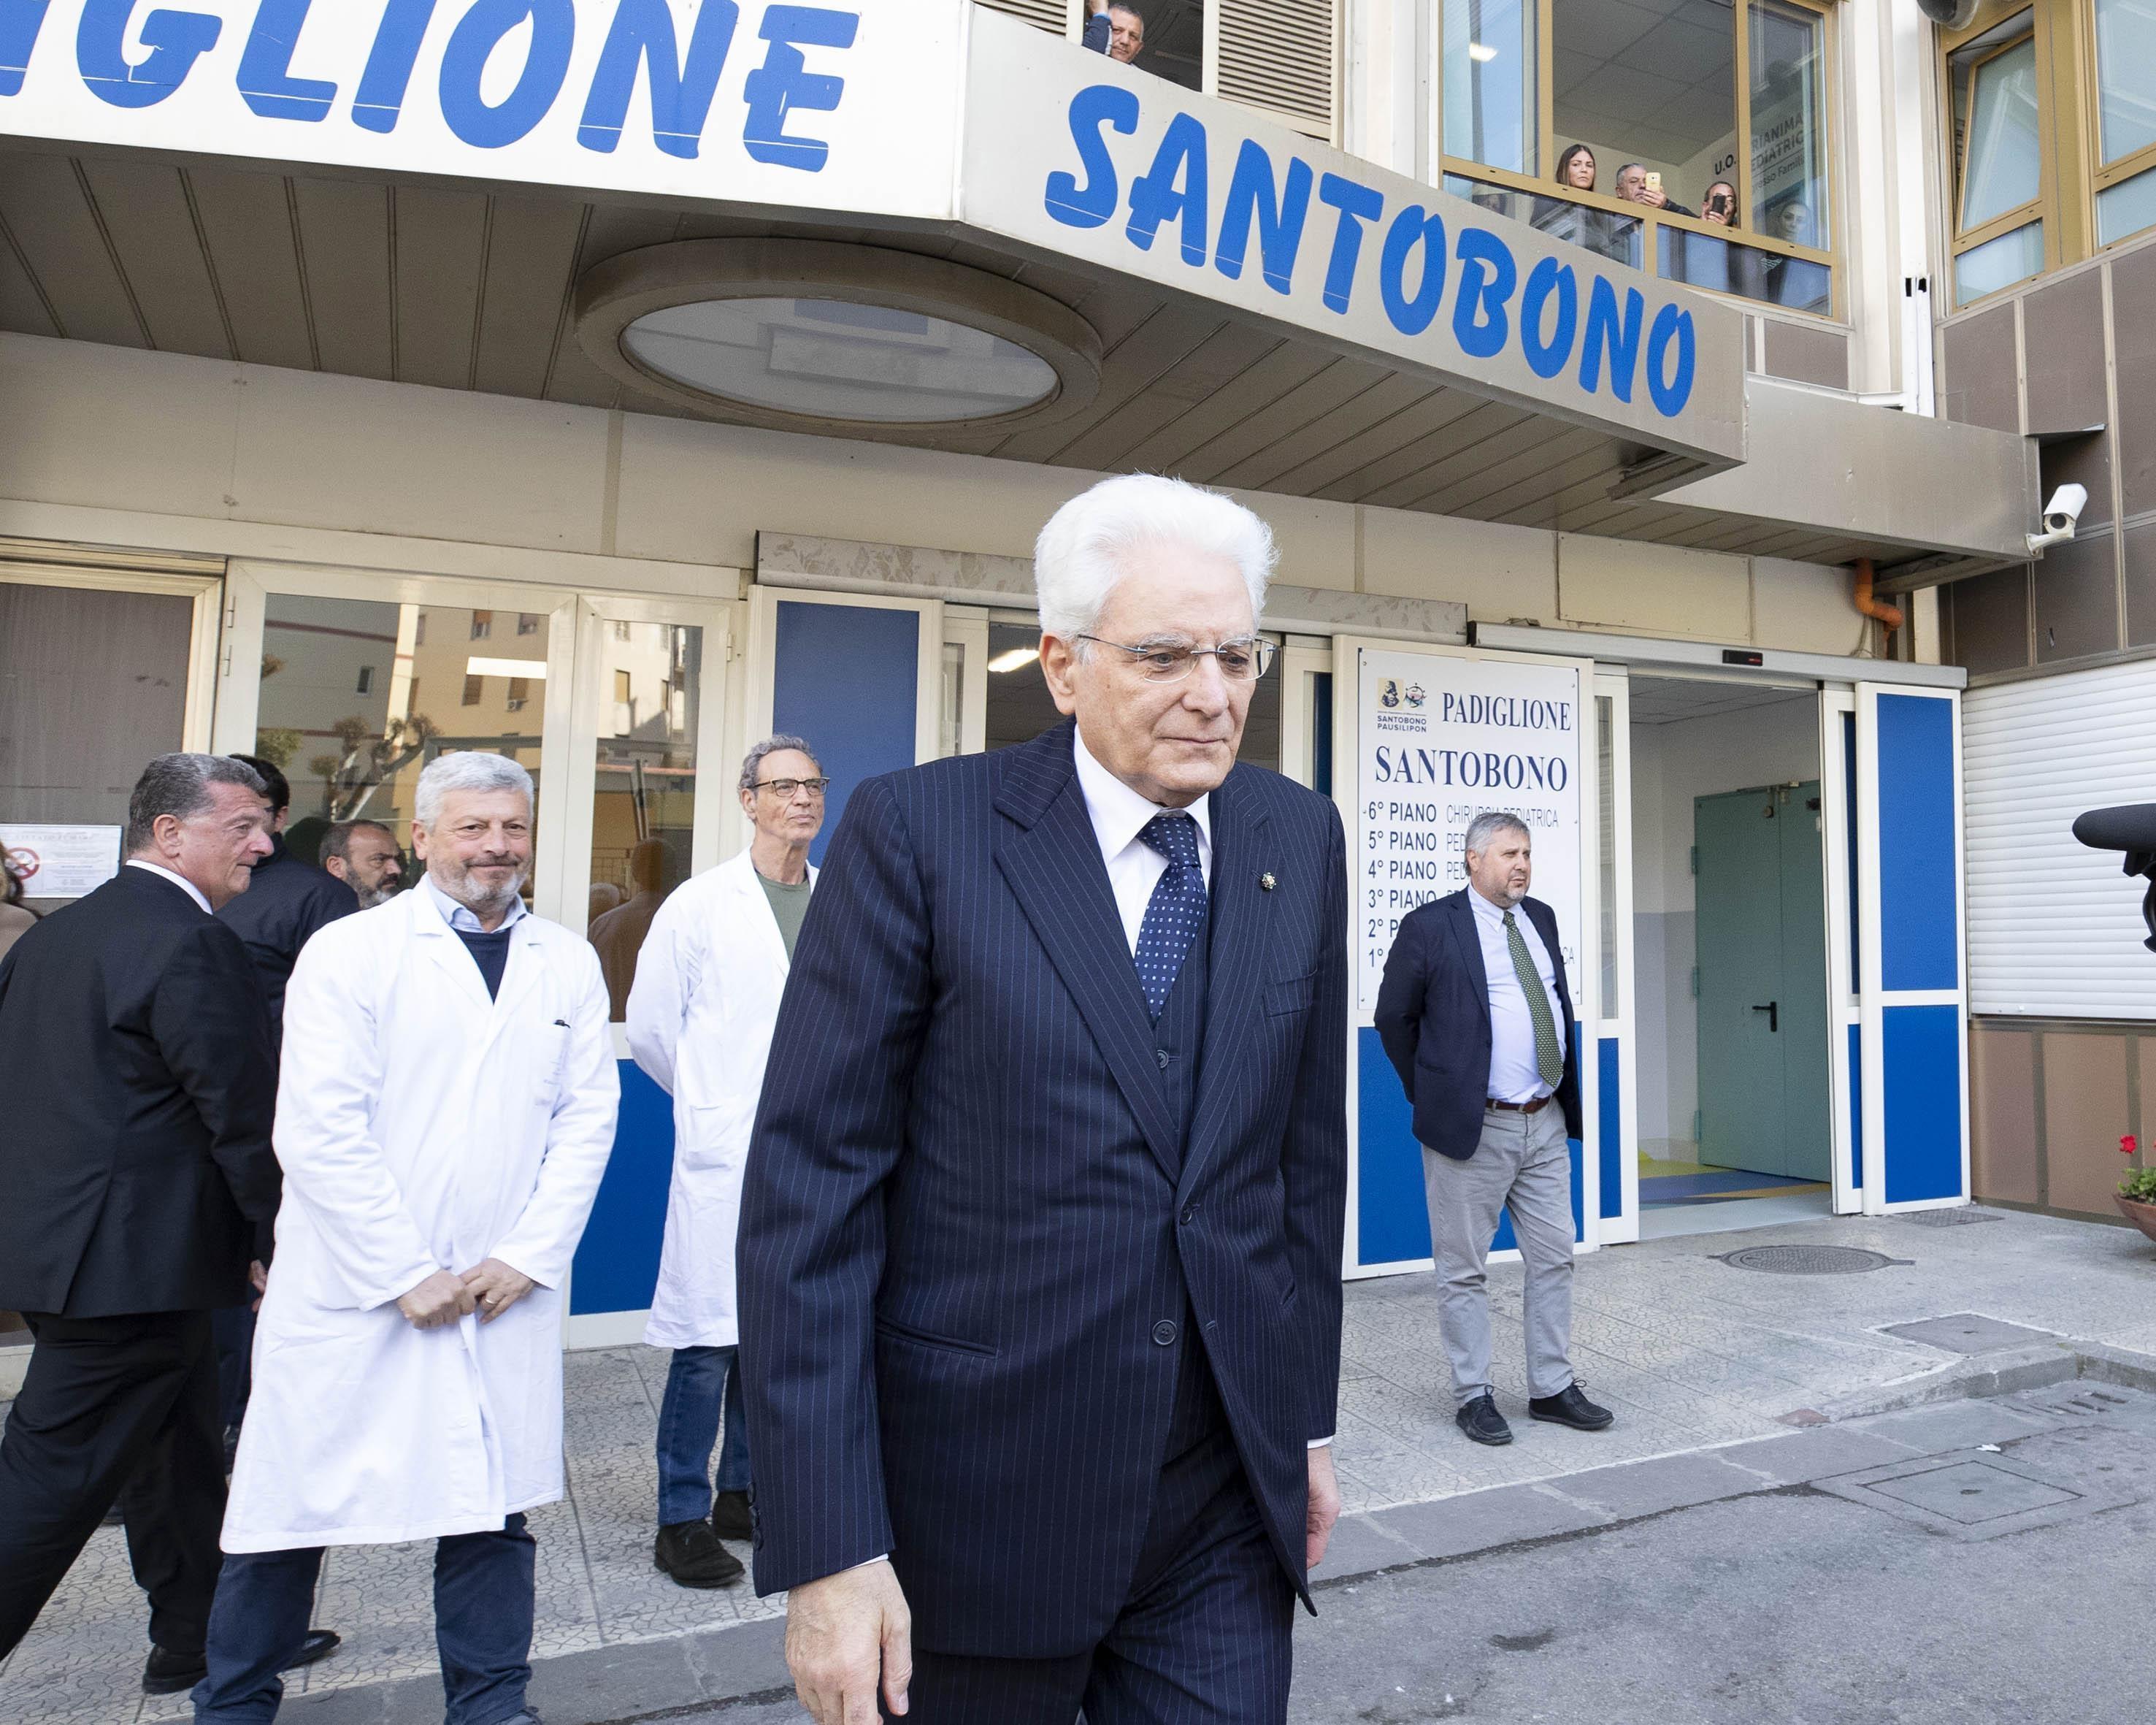 il-presidente-della-repubblica-sergio-mattarella-a-napoli-allospedale-santobono-in-visita-alla-piccola-noemi-foto-ansa